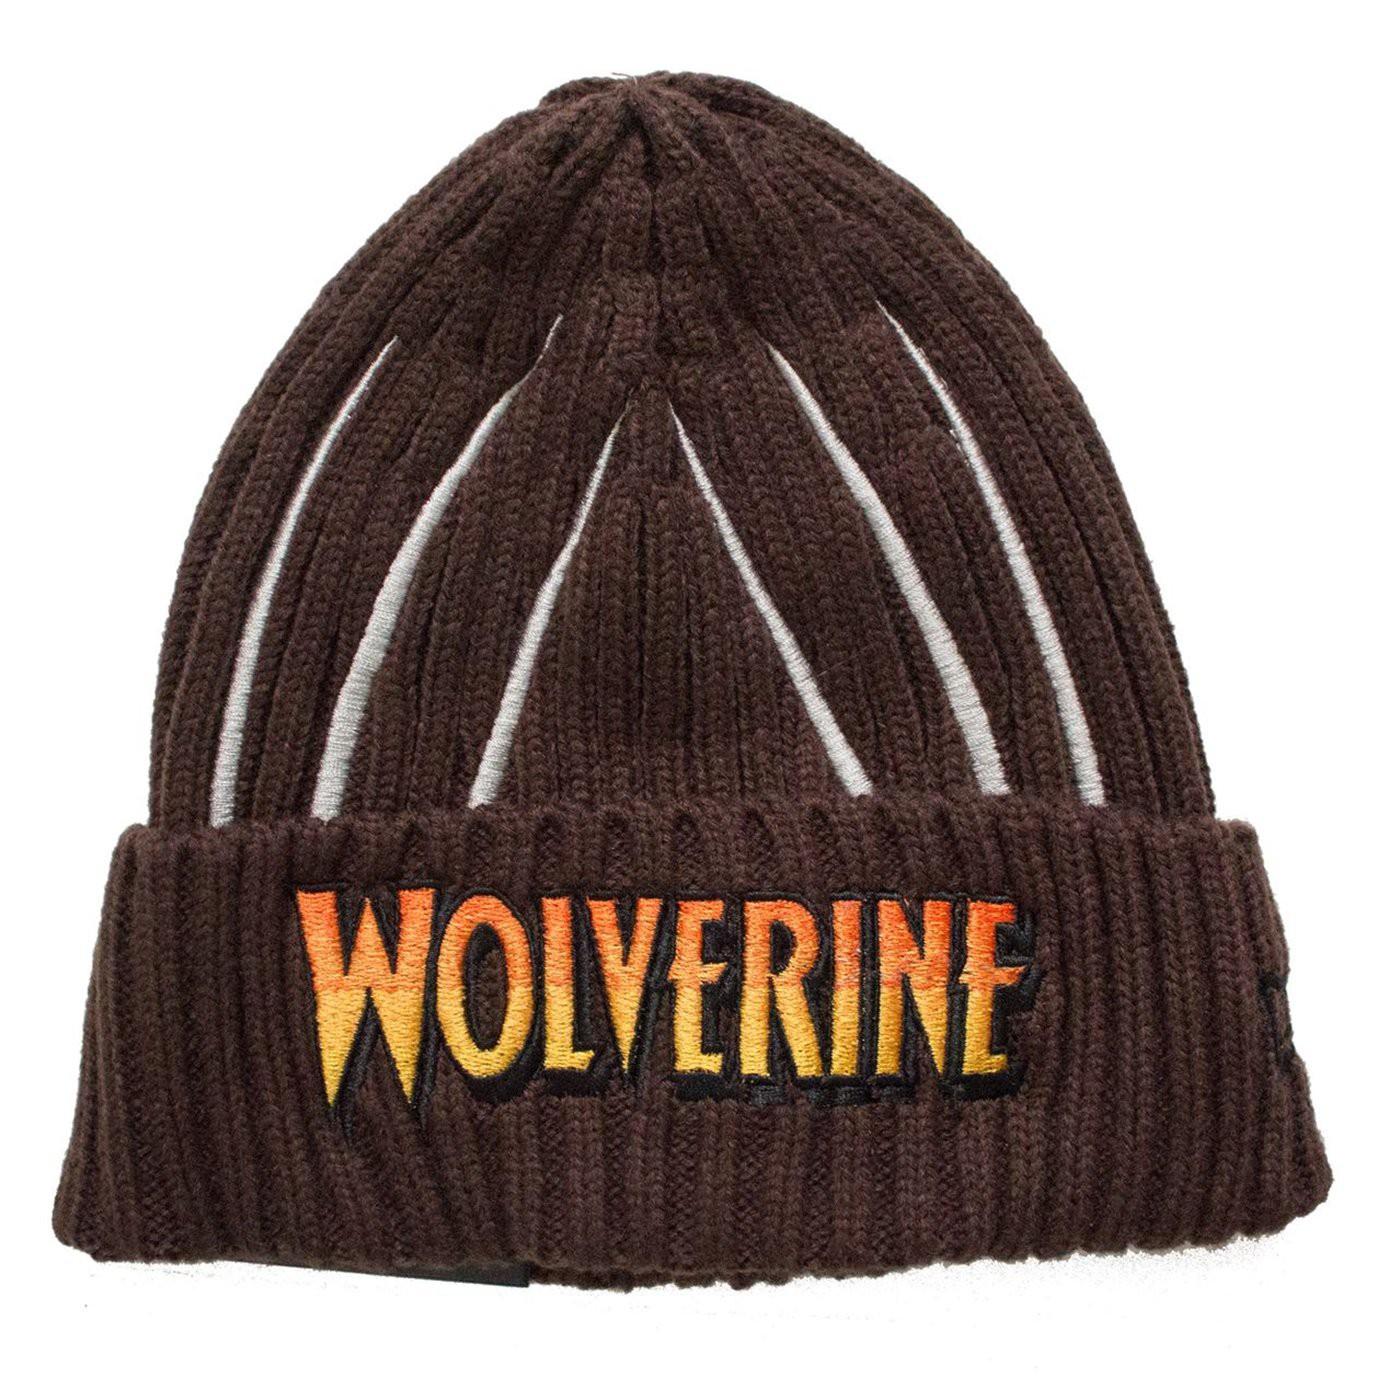 Wolverine Claws Unisex Knit Beanie